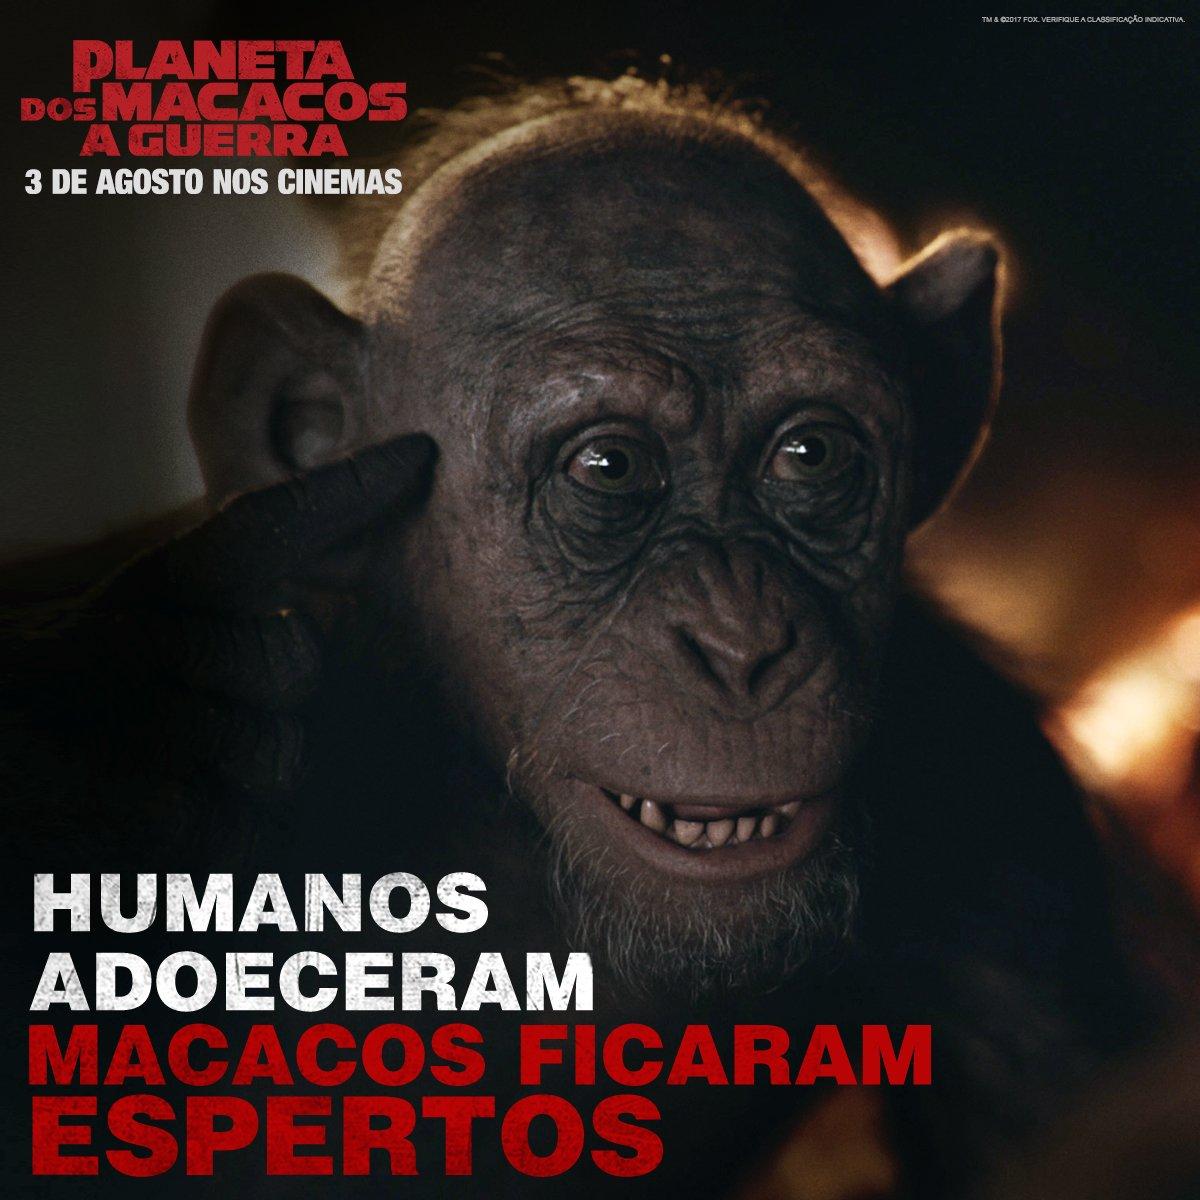 Conheça a história do Macaco Mau, um sobrevivente inesperado em #PlanetaDosMacacosAGuerra, 3 de agosto nos cinemas em 3D.